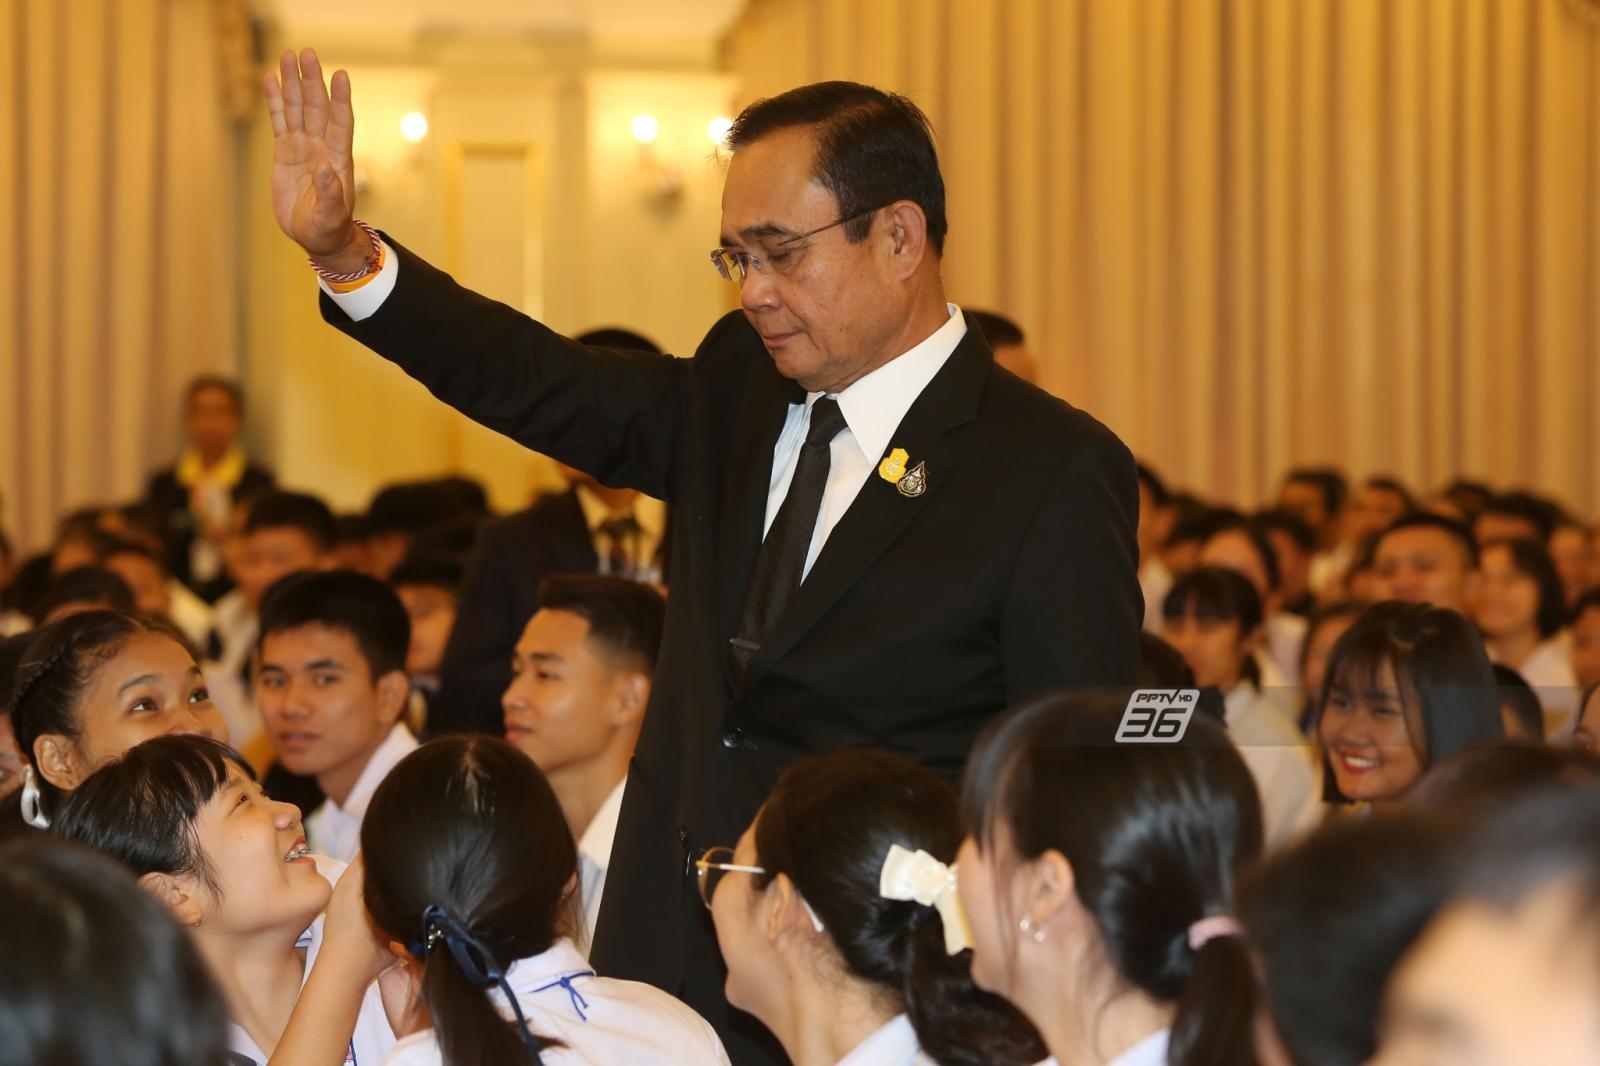 นายกฯ ขอเด็กไทยสำนึกรักชาติบ้านเมือง รู้หน้าที่ อย่าคิดเพียงแต่สิทธิเสรีภาพ